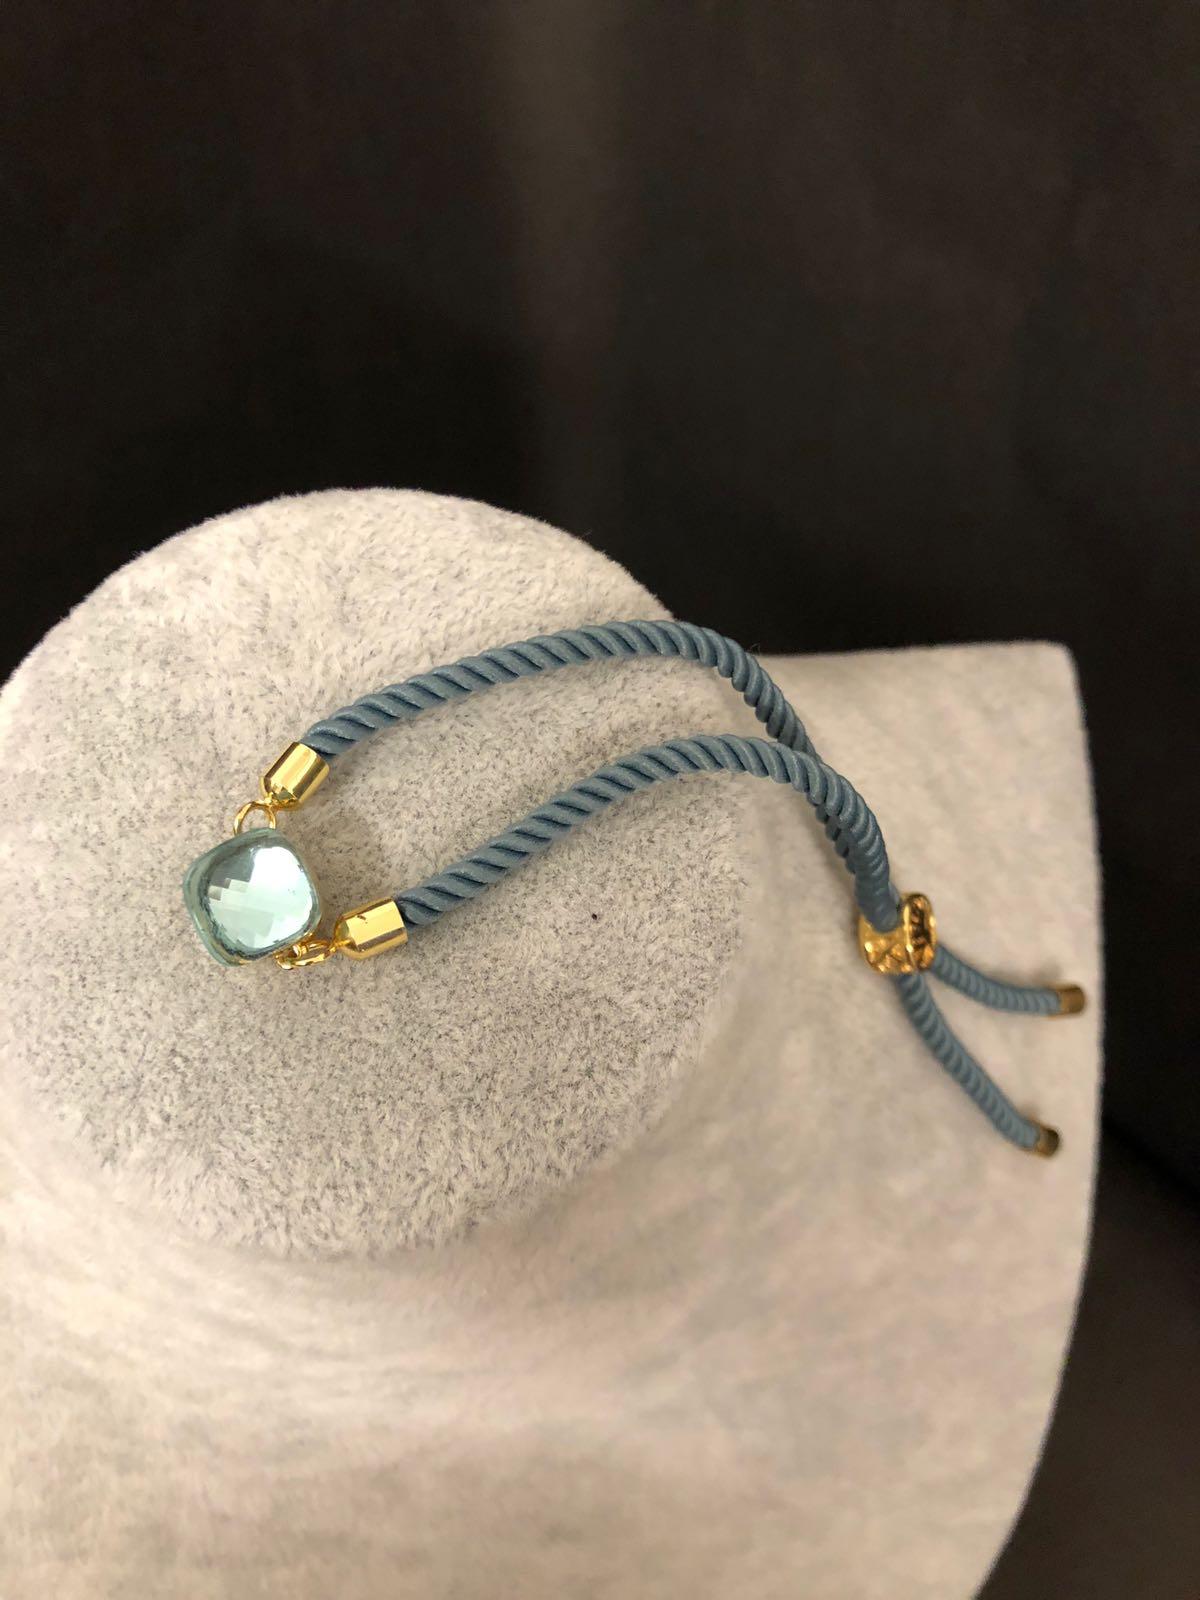 SteenStoneCollection - Schnür-Armband vergoldet - verschiedene Farben